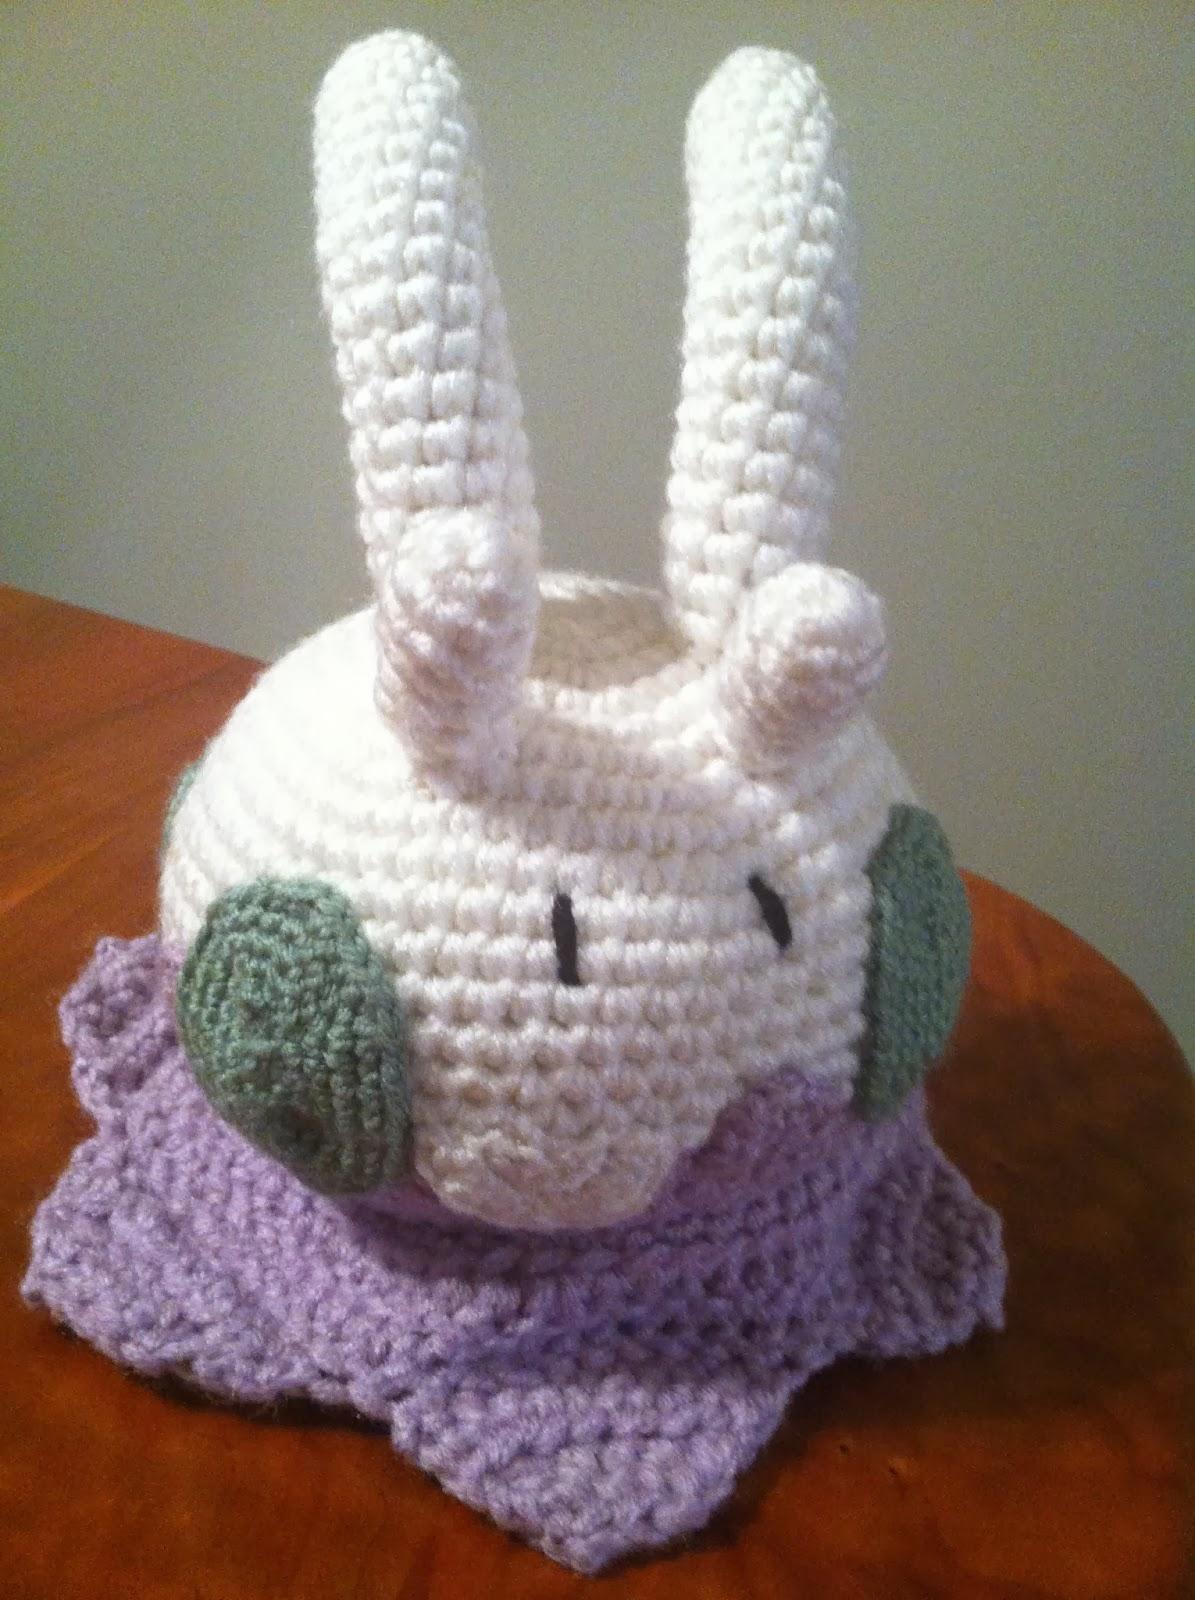 Heart in Flight Crochet: Goomy Crochet Plush Pattern